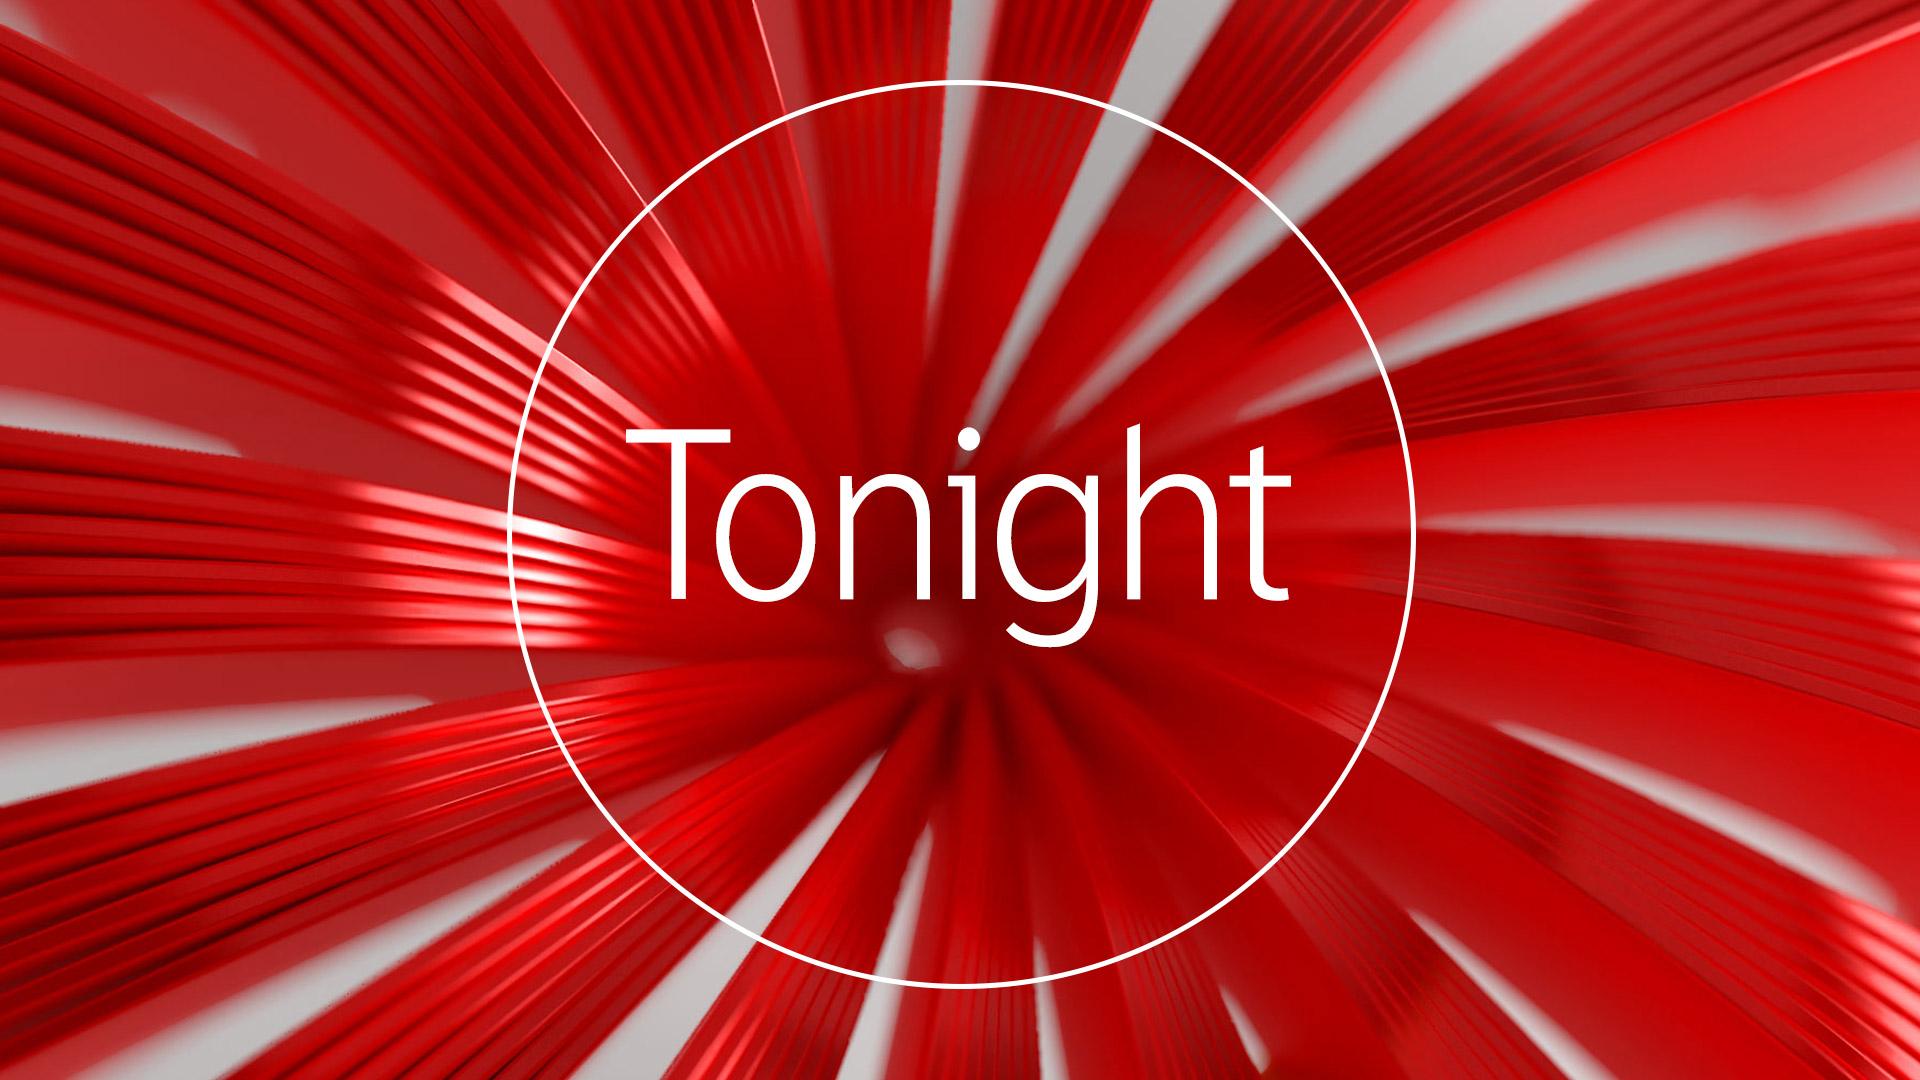 tonight_2